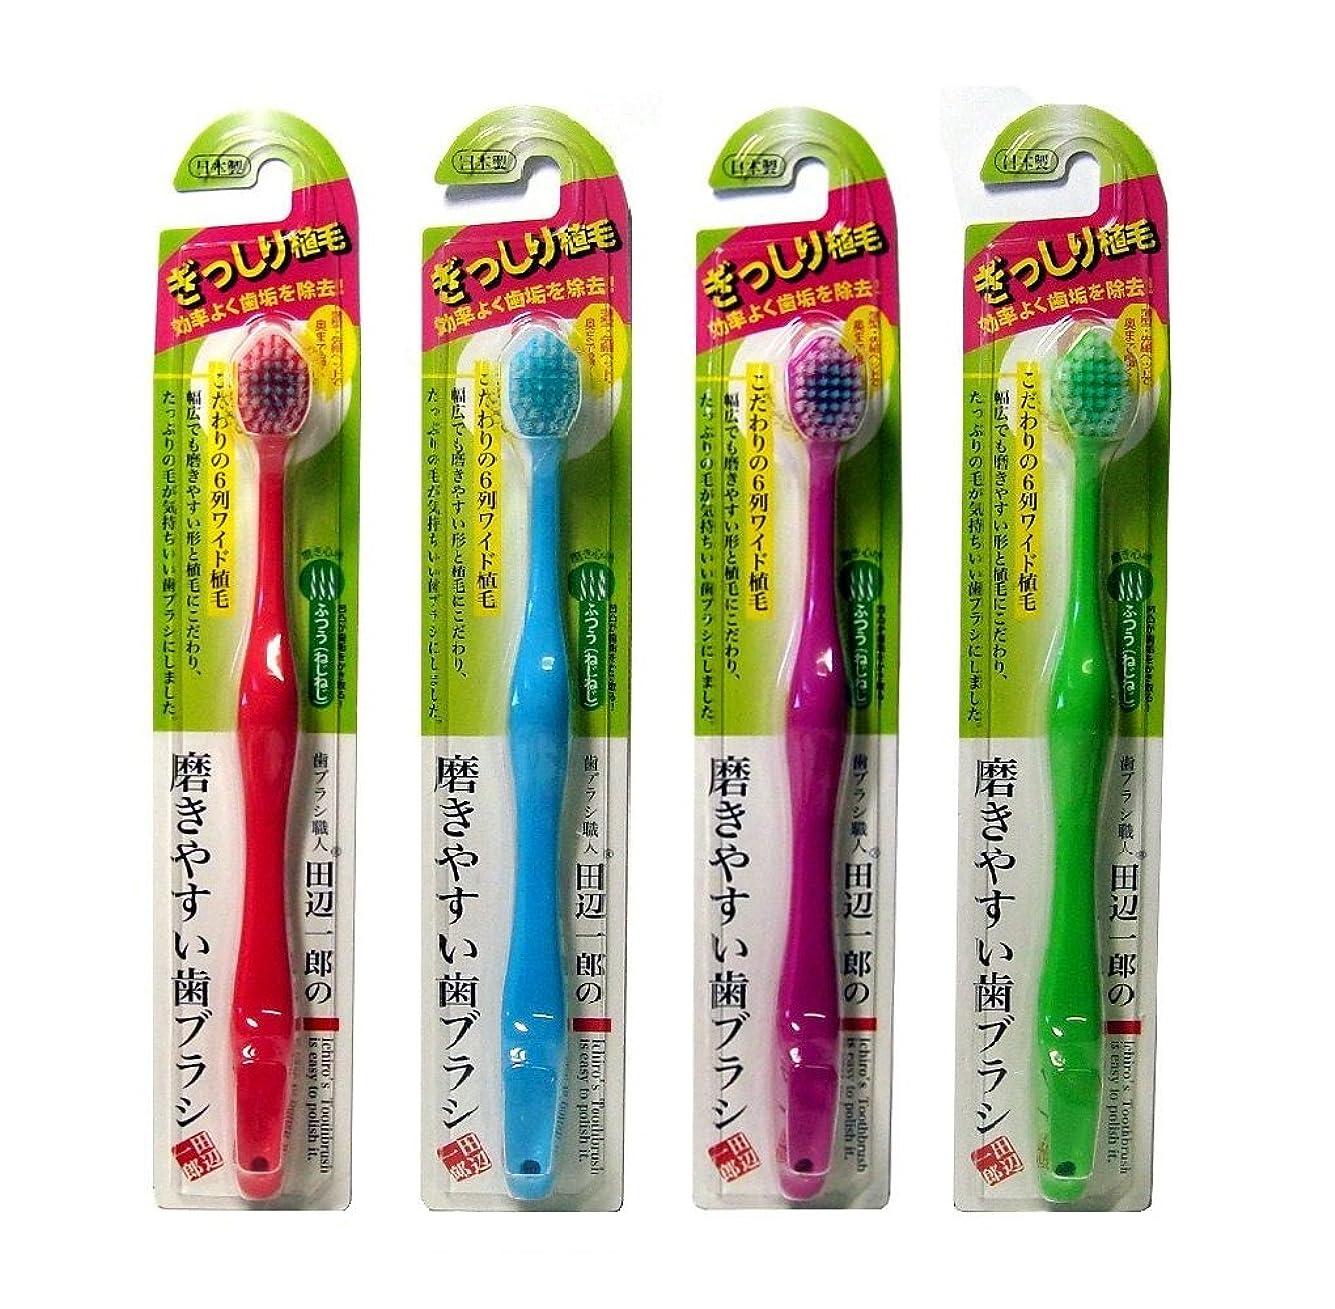 テレマコス処方見つけるライフレンジ 田辺一郎の磨きやすい歯ブラシ 6列ワイドタイプ ふつう(ねじねじ) LT-31 4本セット(レッド?ブルー?パープル?グリーン)